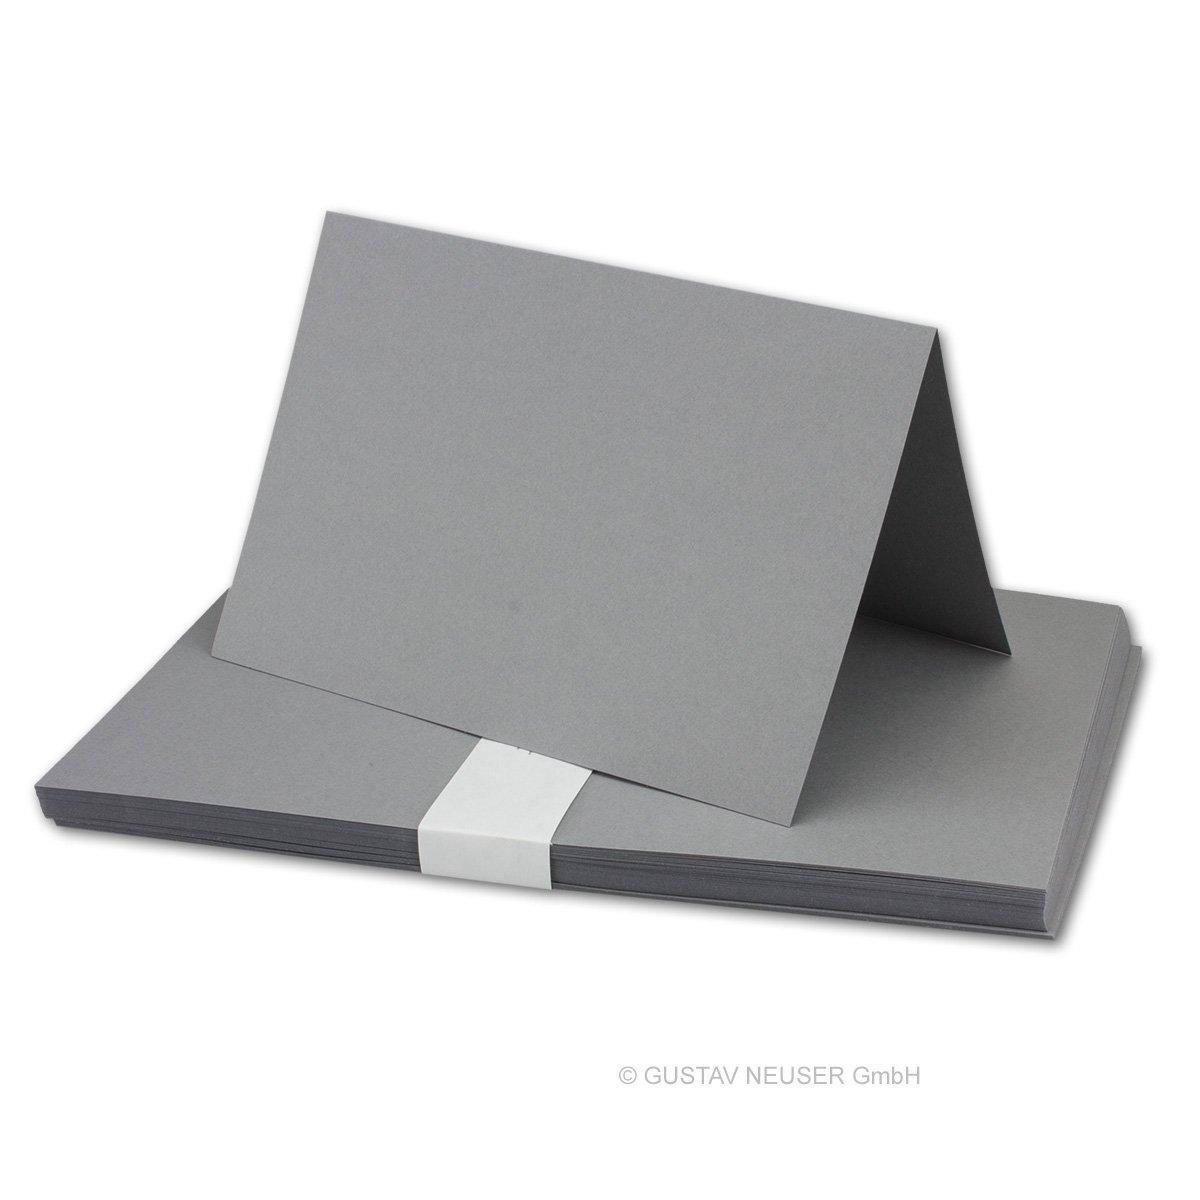 75 75 75 Sets - Faltkarten Hellgrau - Din A5  Umschläge Din C5 - Premium Qualität - Sehr formstabil - Qualitätsmarke  NEUSER FarbenFroh B07BSF1KC4   Jeder beschriebene Artikel ist verfügbar  f02d13